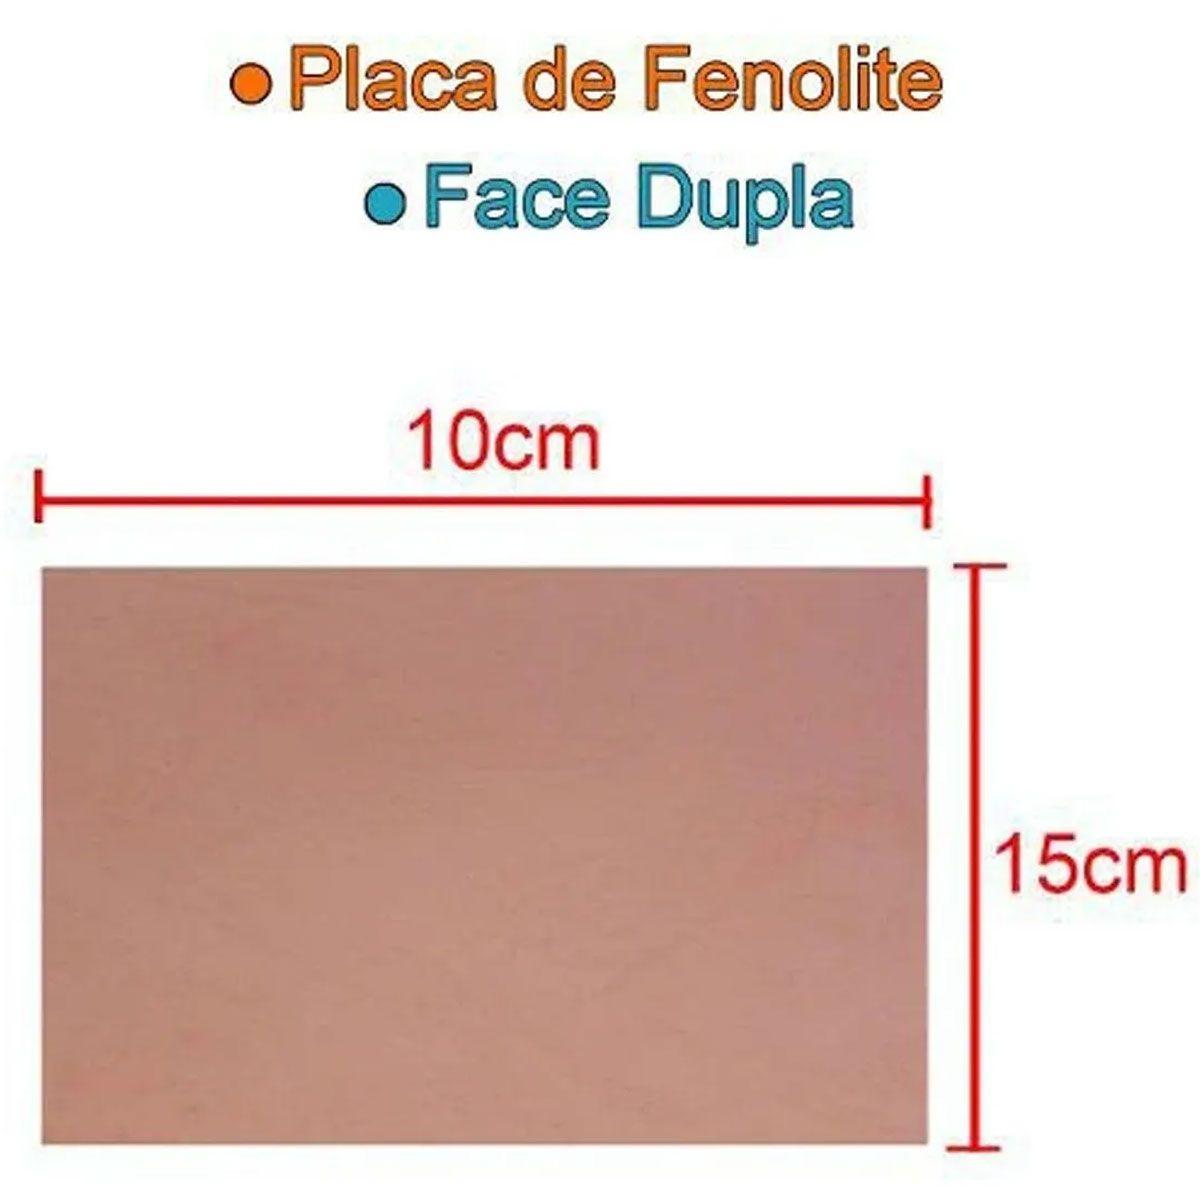 Placa de Fenolite Dupla Face 10x15cm para Circuito Impresso - PCI